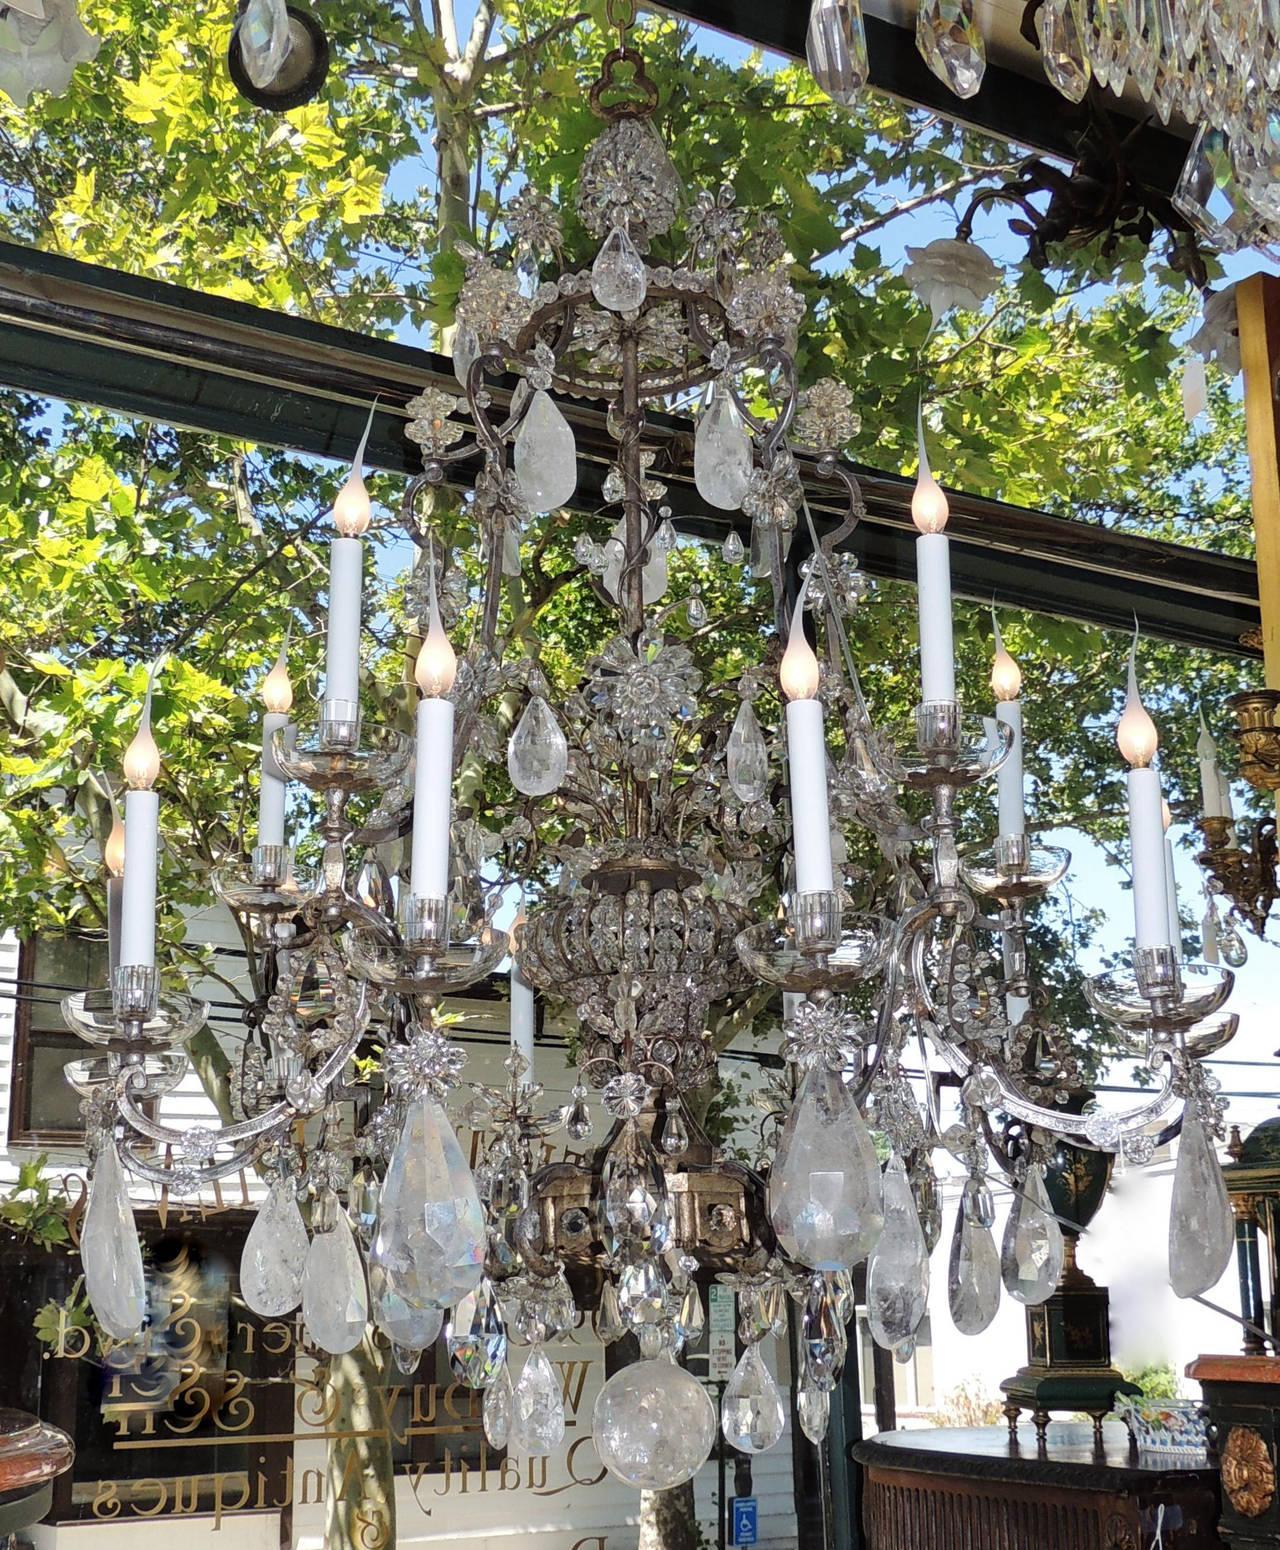 Incredible Maison Baguès Silver Rock Crystal Floral Centre Chandelier Fixture For Sale 2